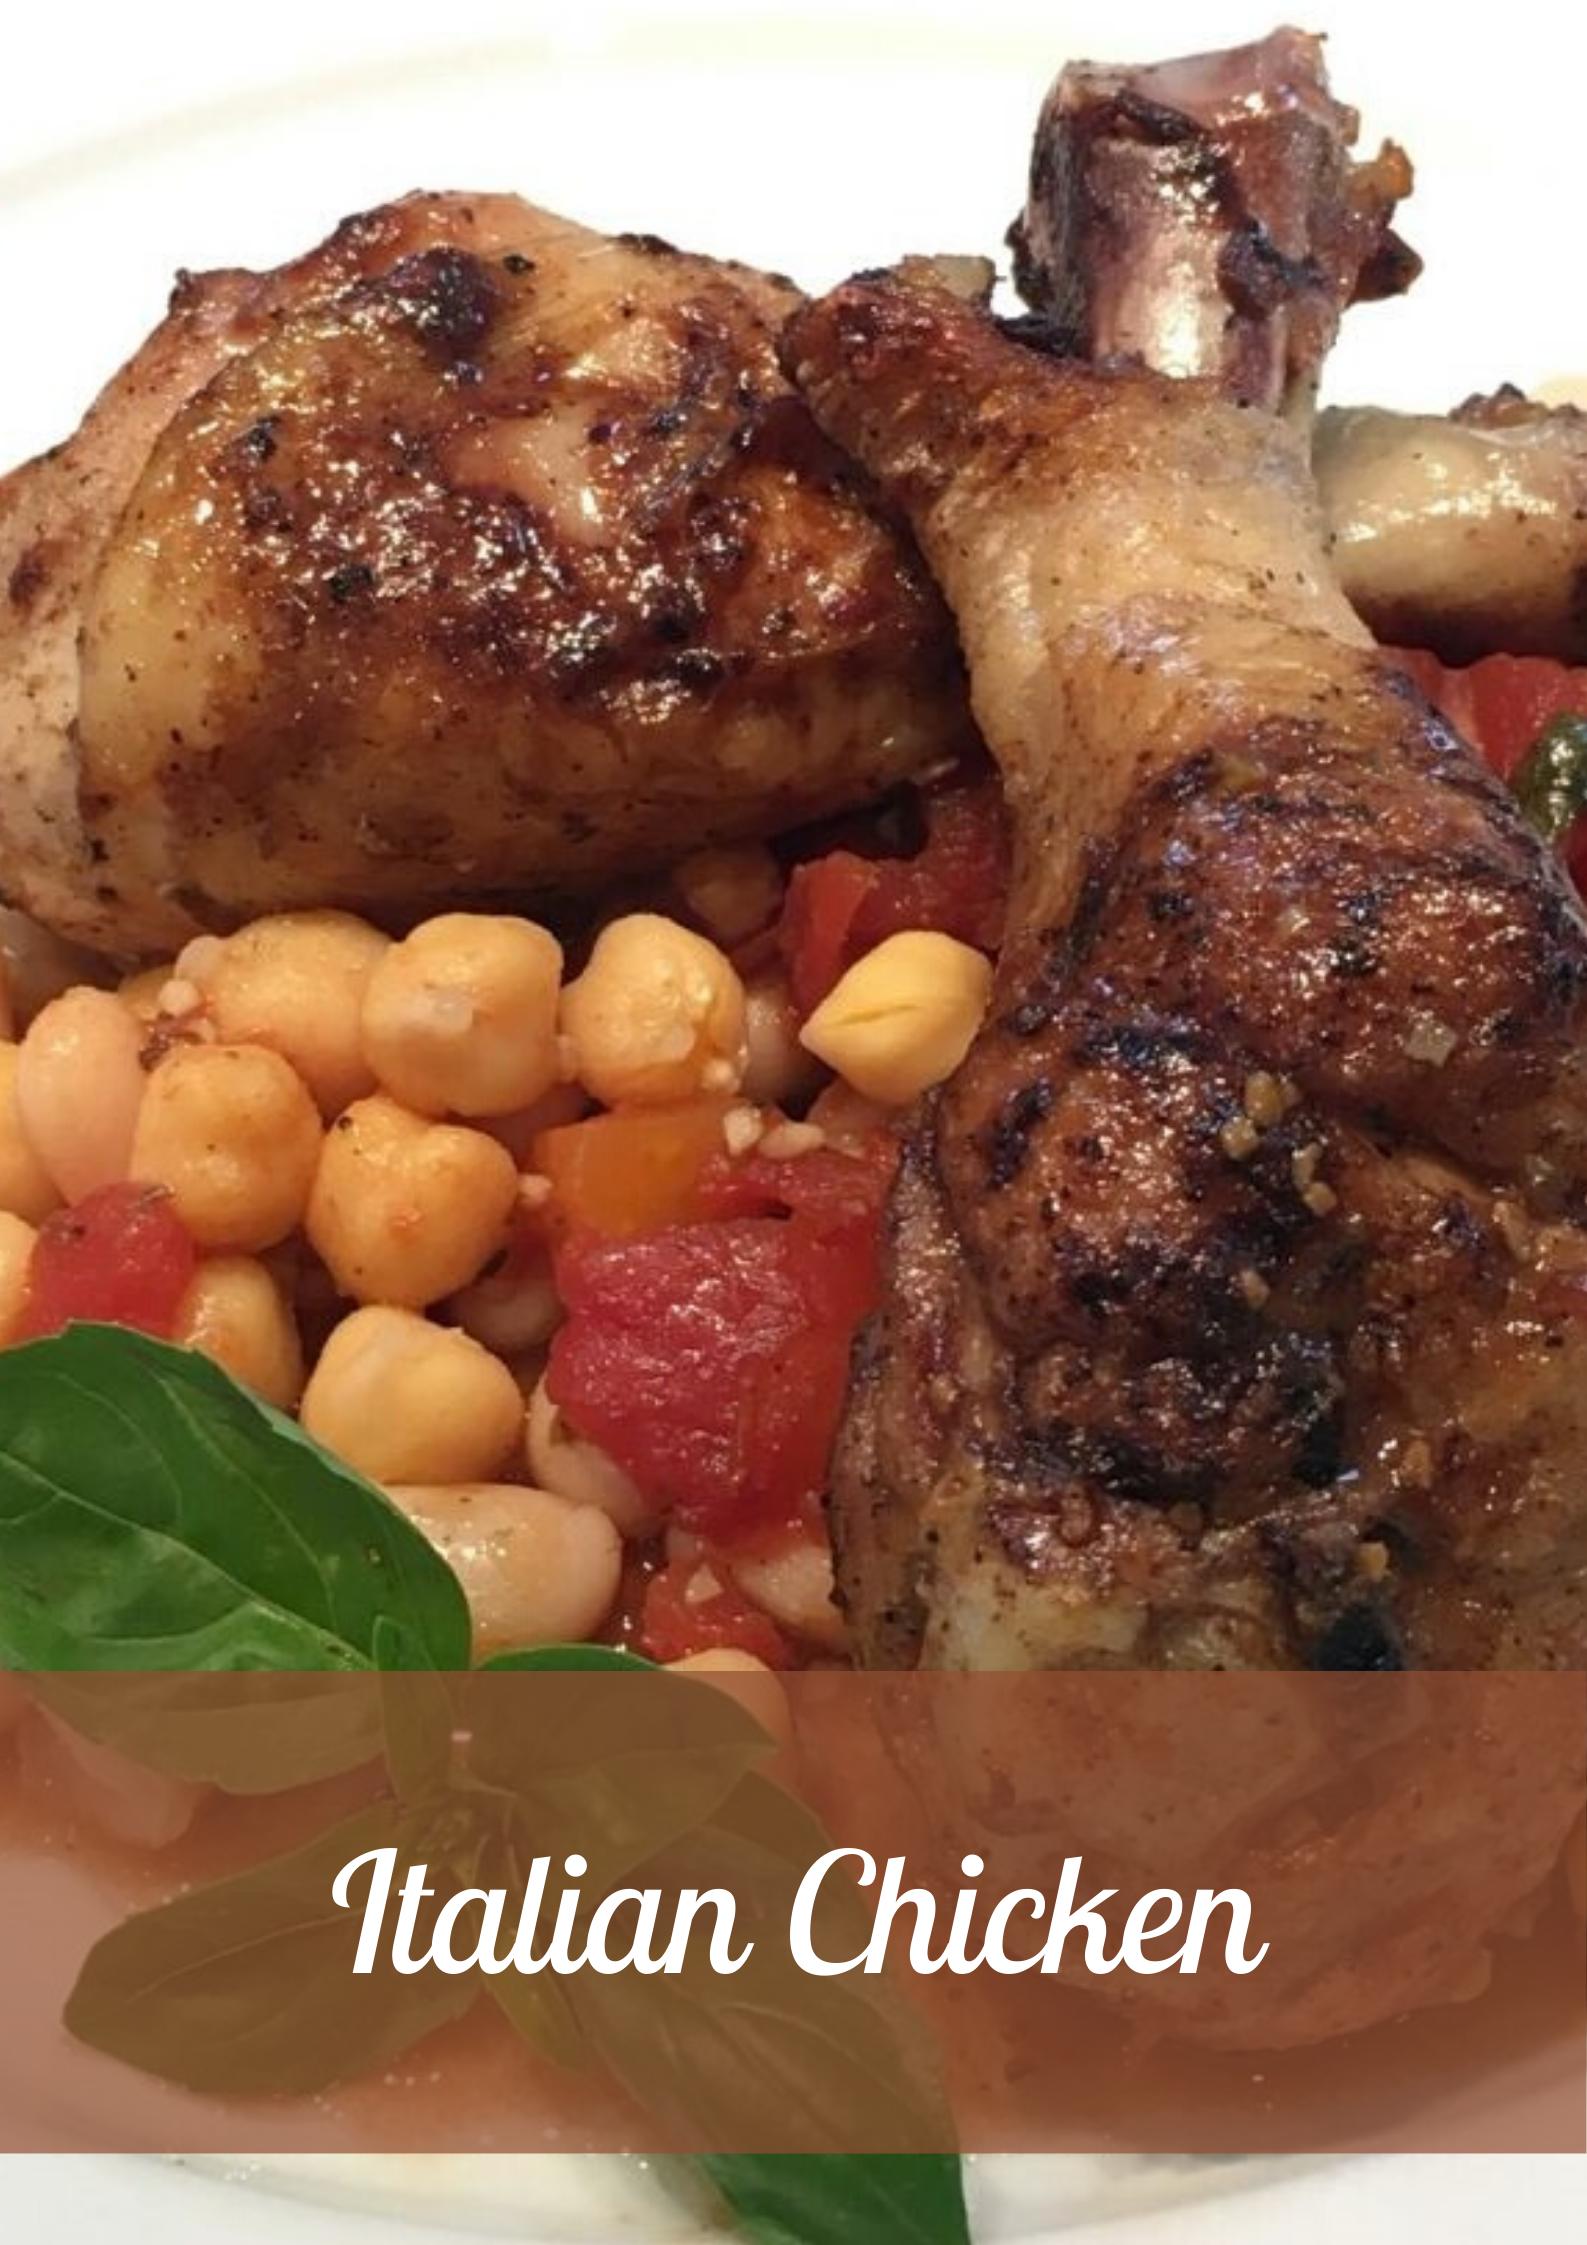 Italian Chicken (1)